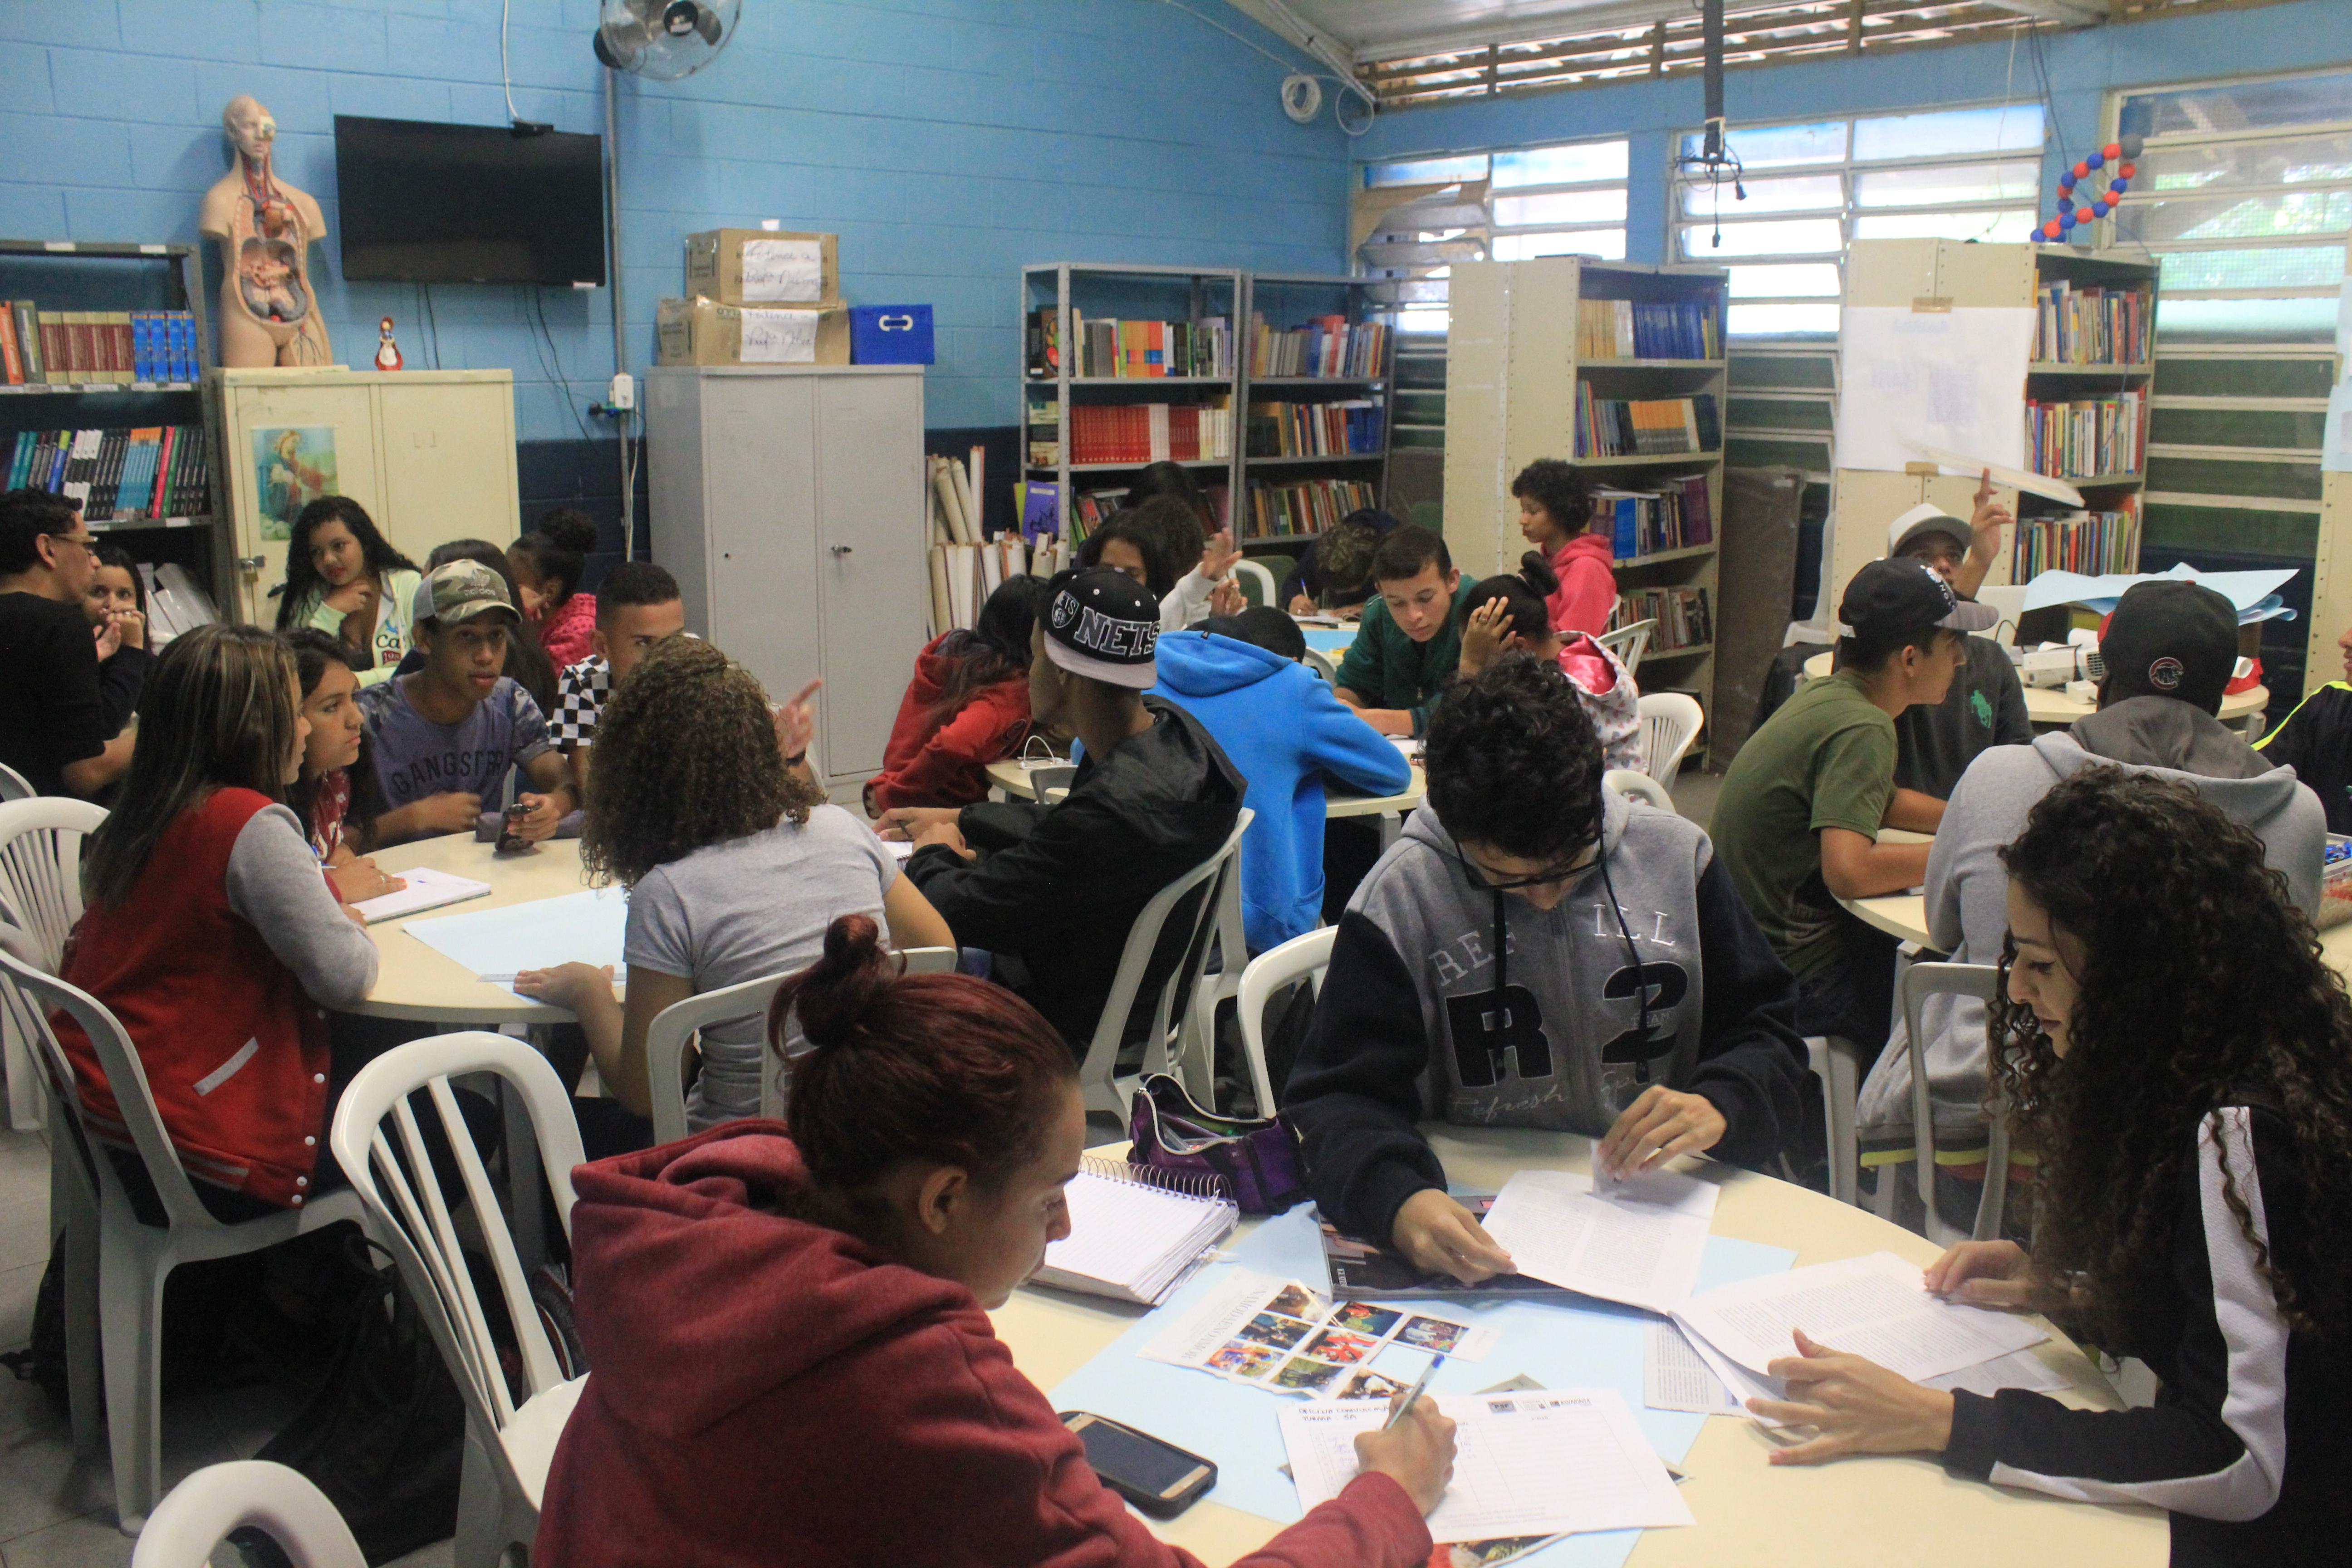 Juventude, sexualidade e direitos humanos: construindo pontes e aprendizados